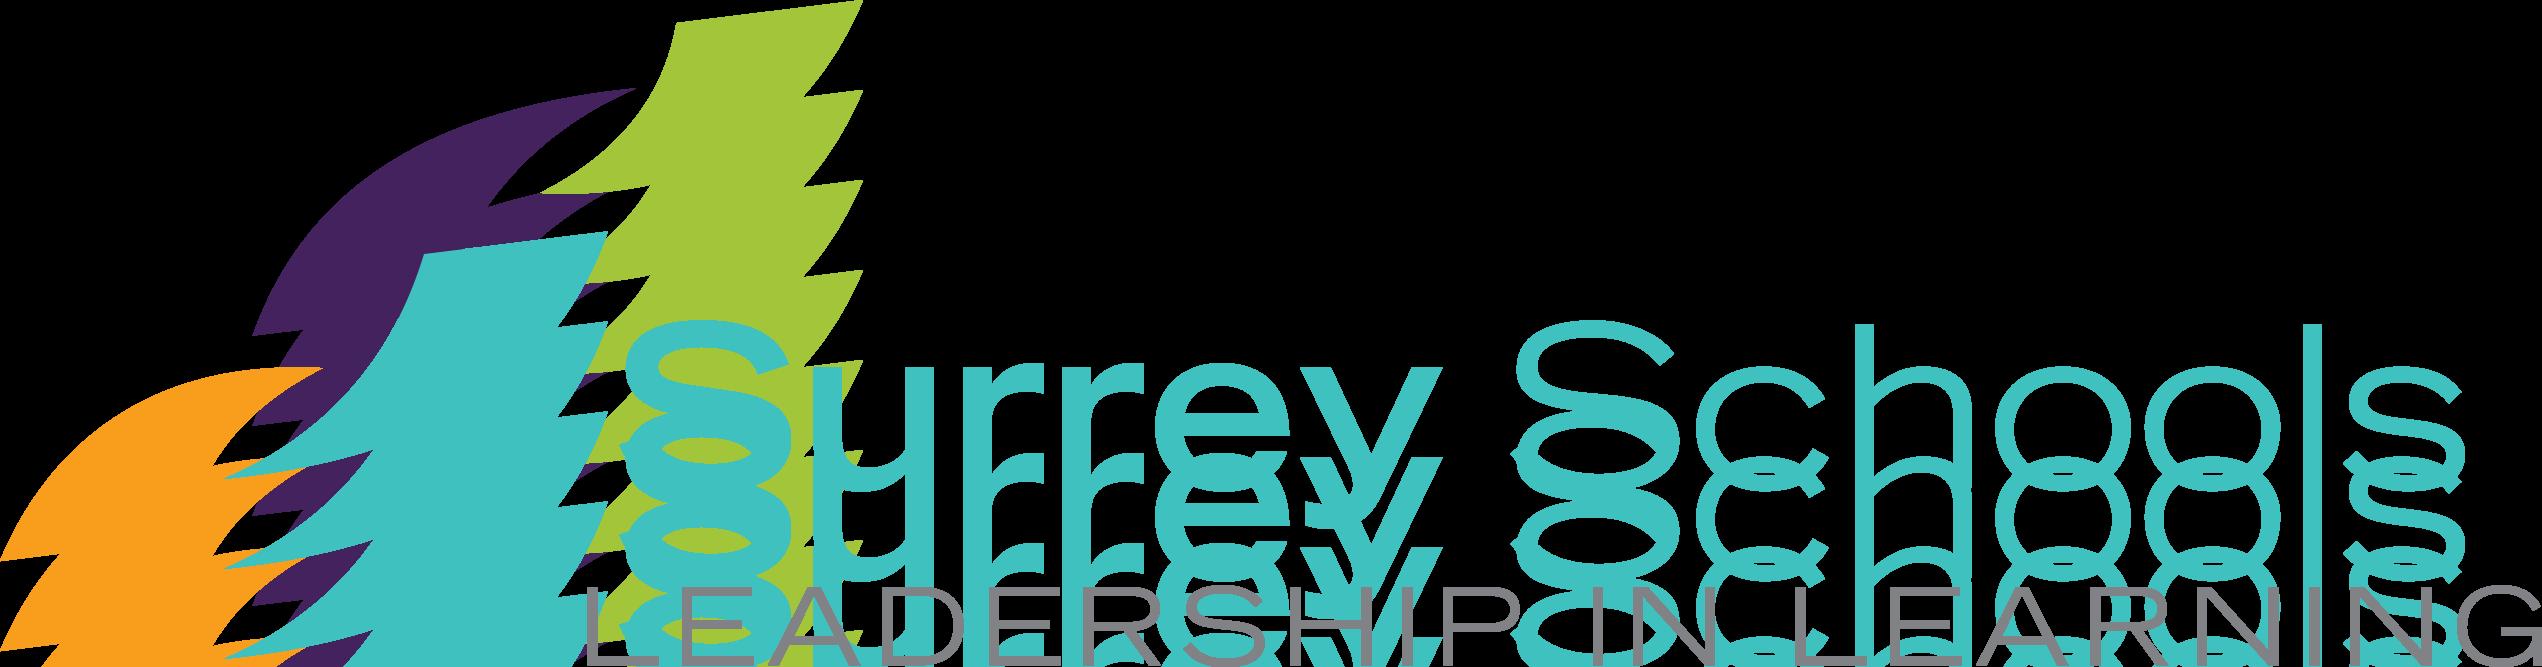 Image result for surrey schools